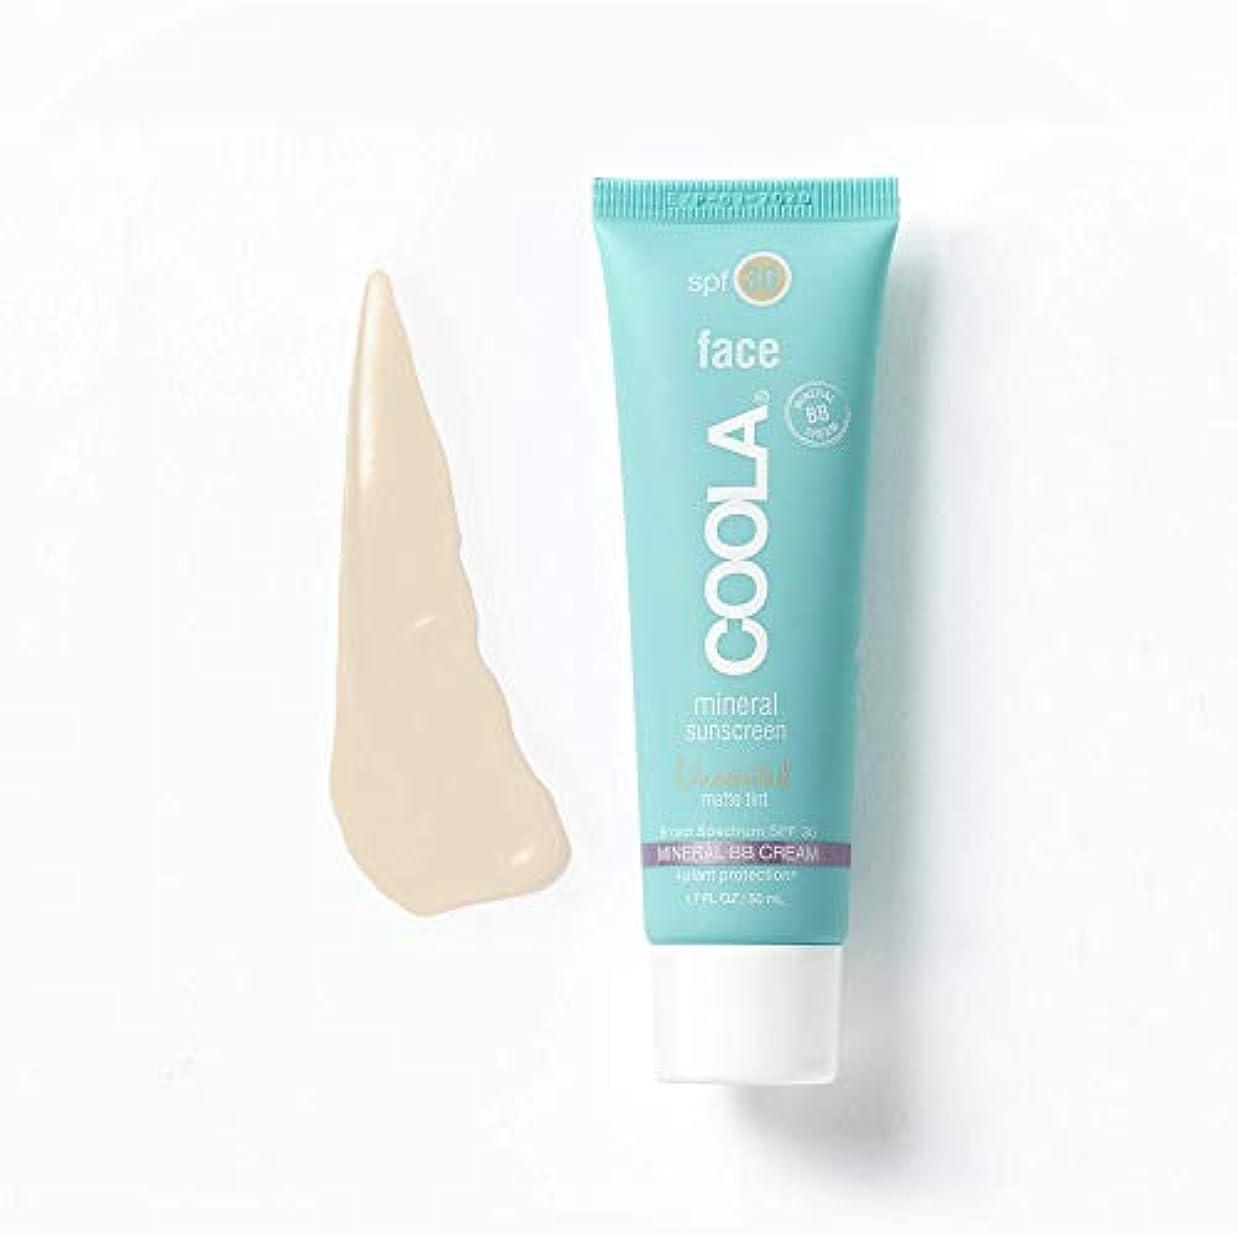 踏みつけなだめるインゲンCoola Face Spf 30 Mineral Sunscreen Unscented Matte Tint (並行輸入品)